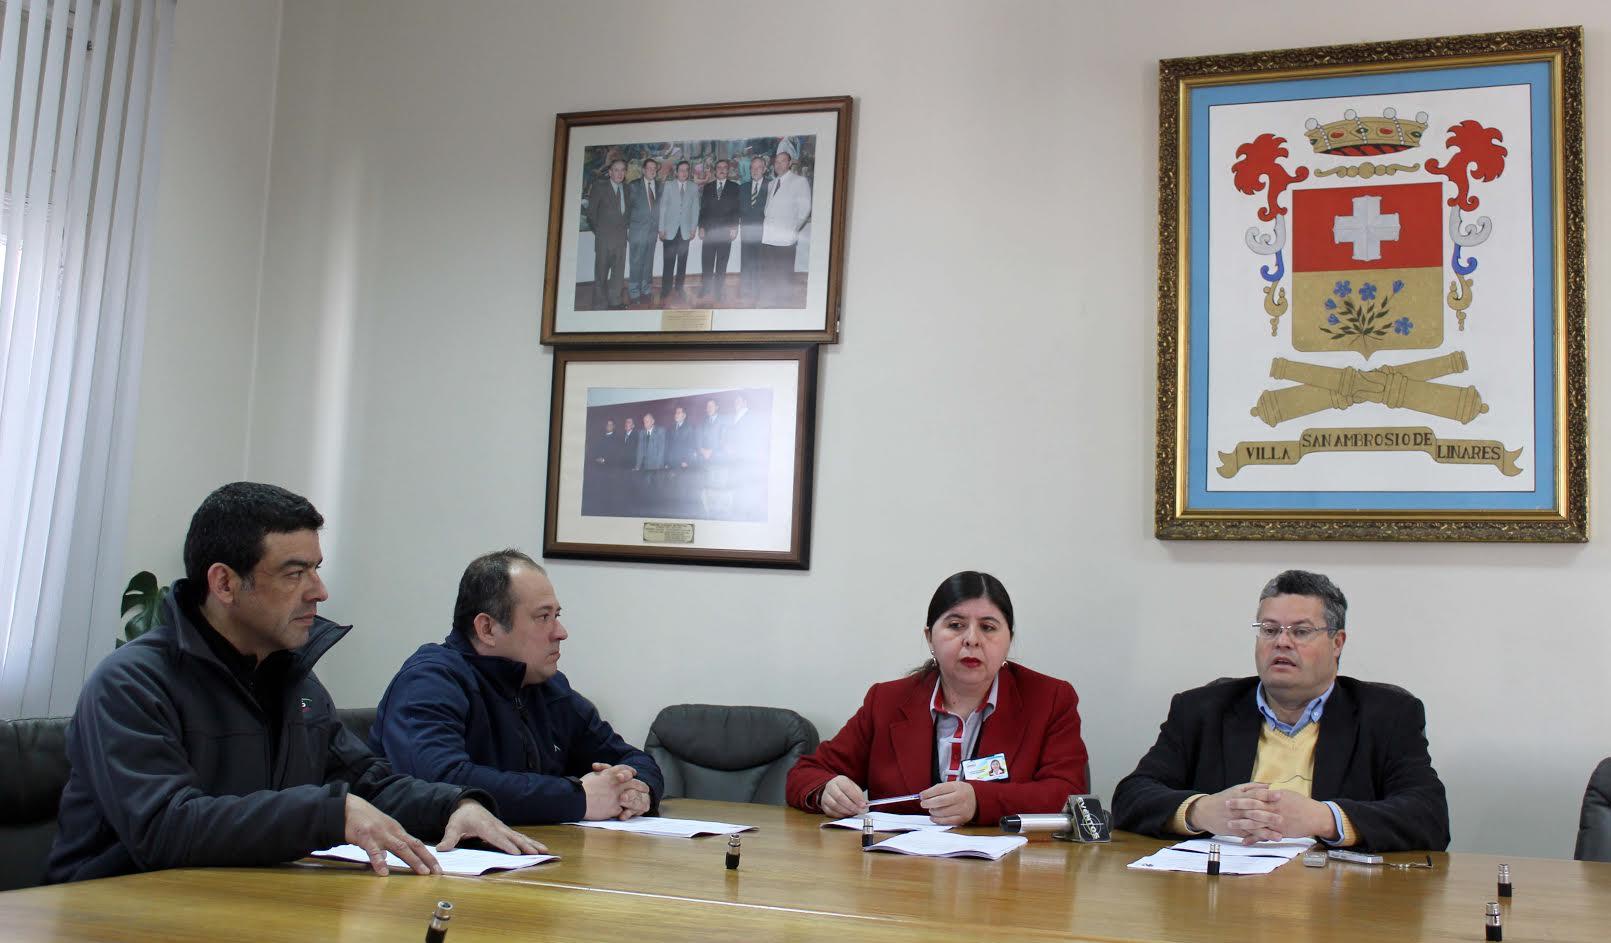 Municipalidad abre inscripción para remate de pisos para Fiestas Patrias